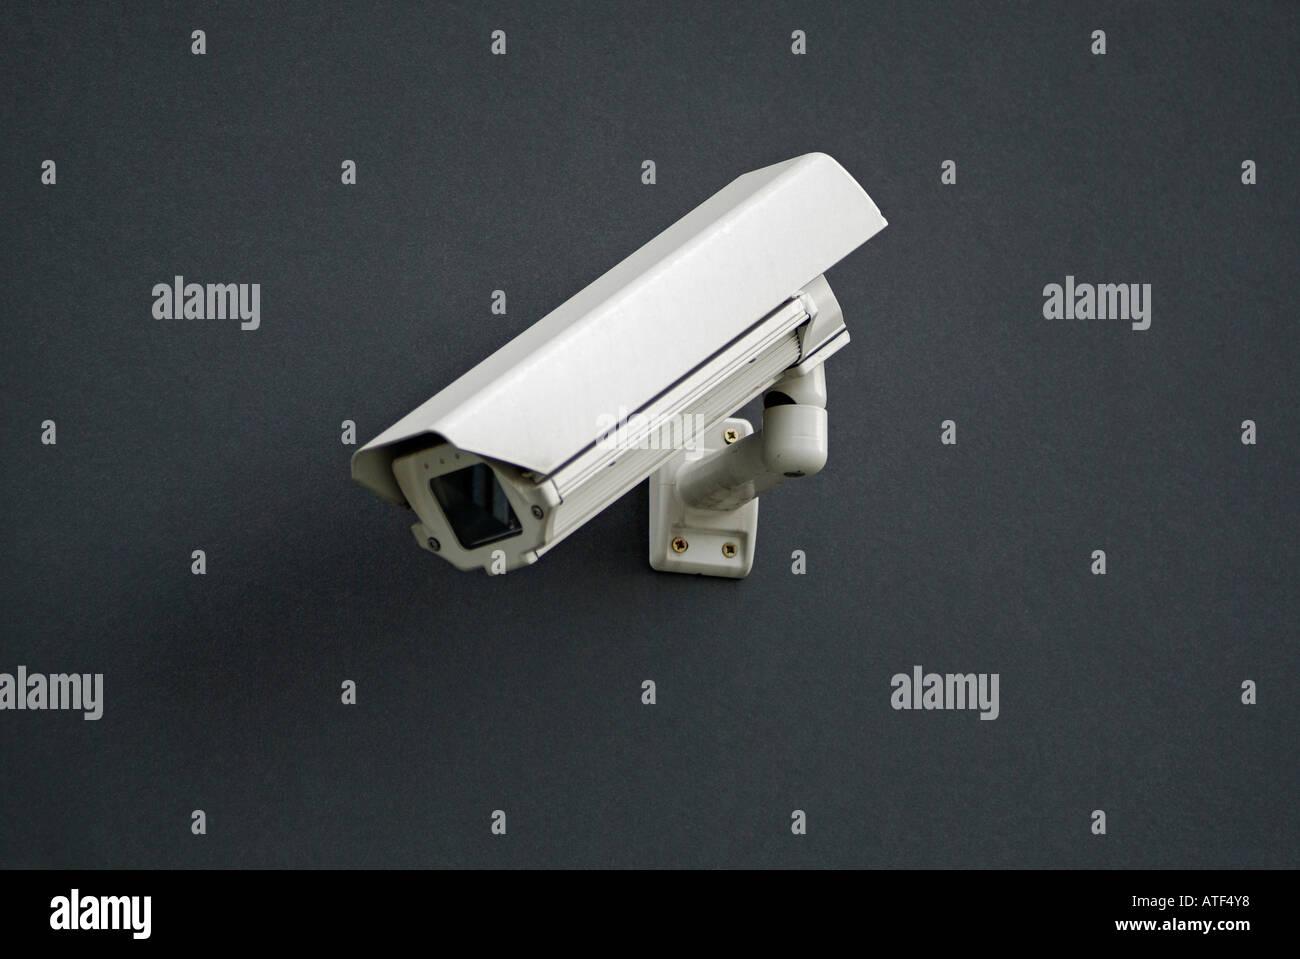 Caméra CCTV Photo Stock